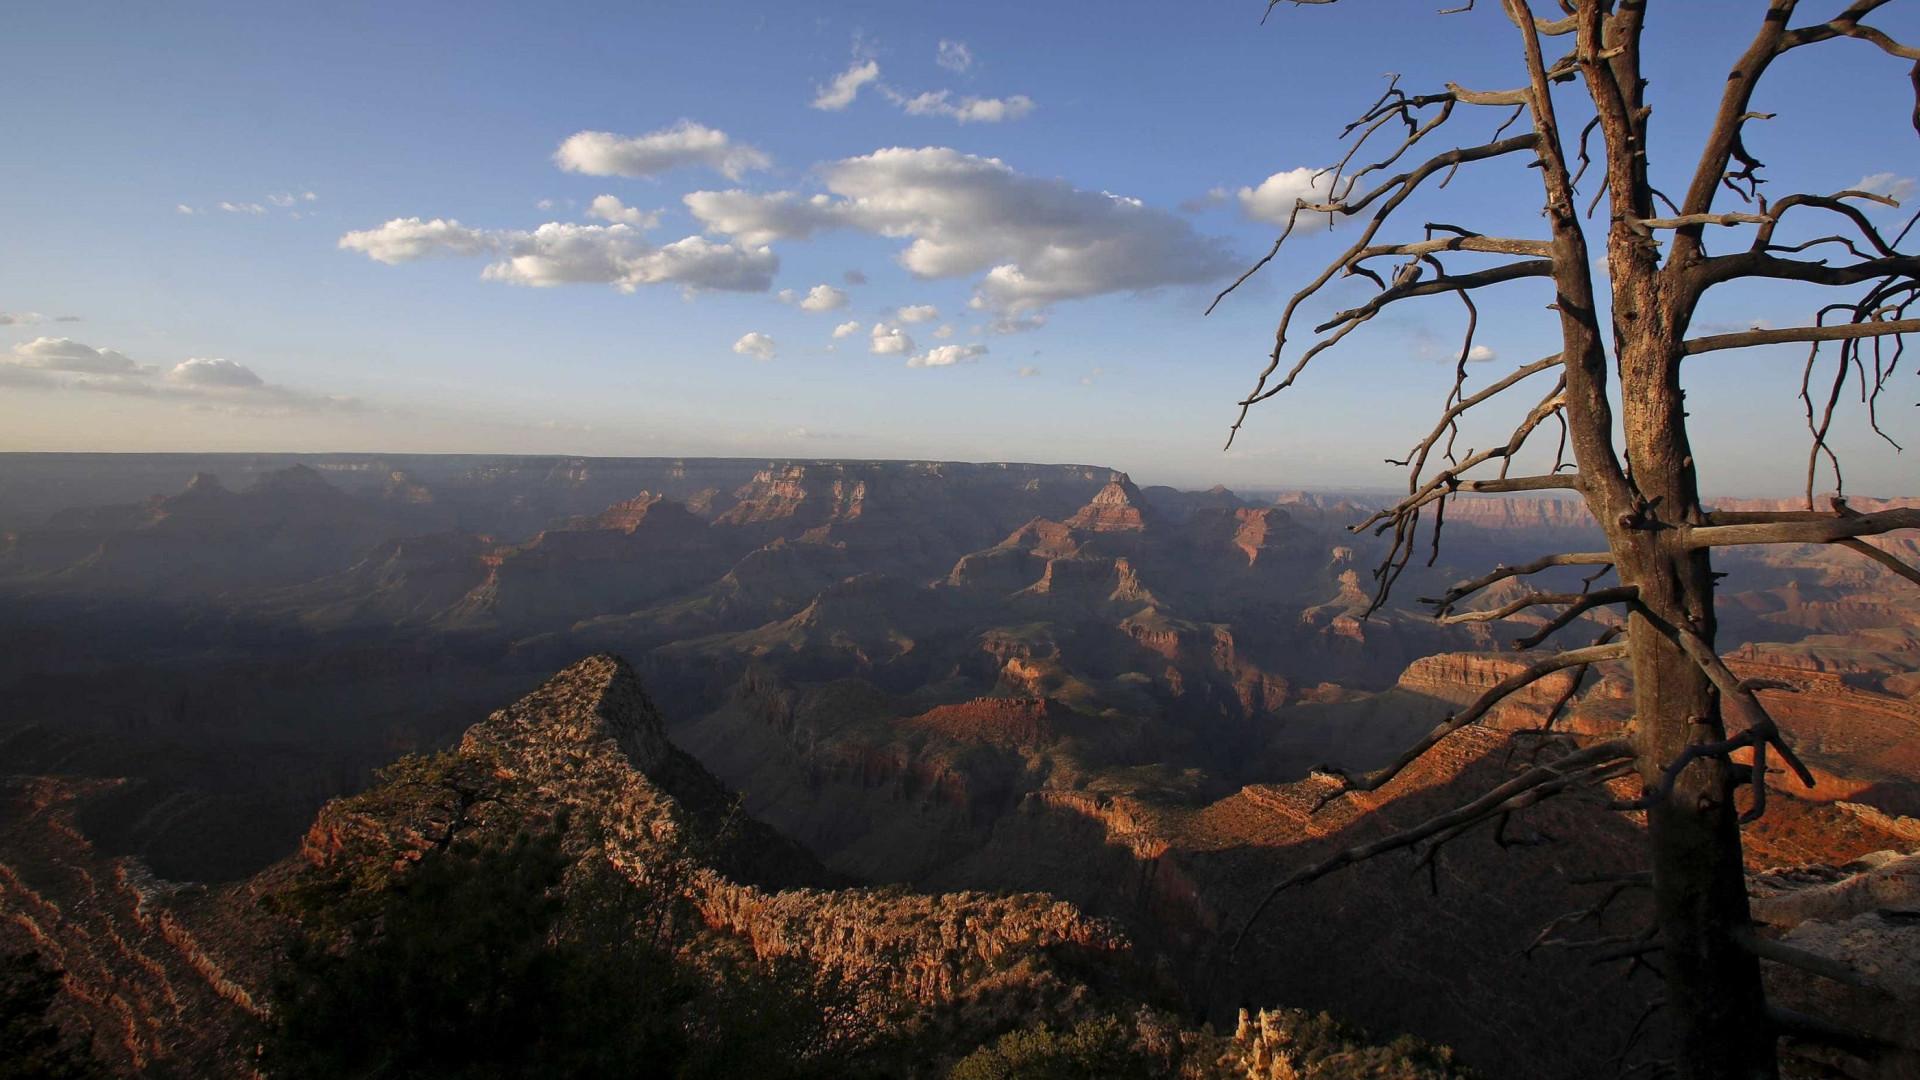 Caminho errado revelou-se fatal para mulher no Grand Canyon